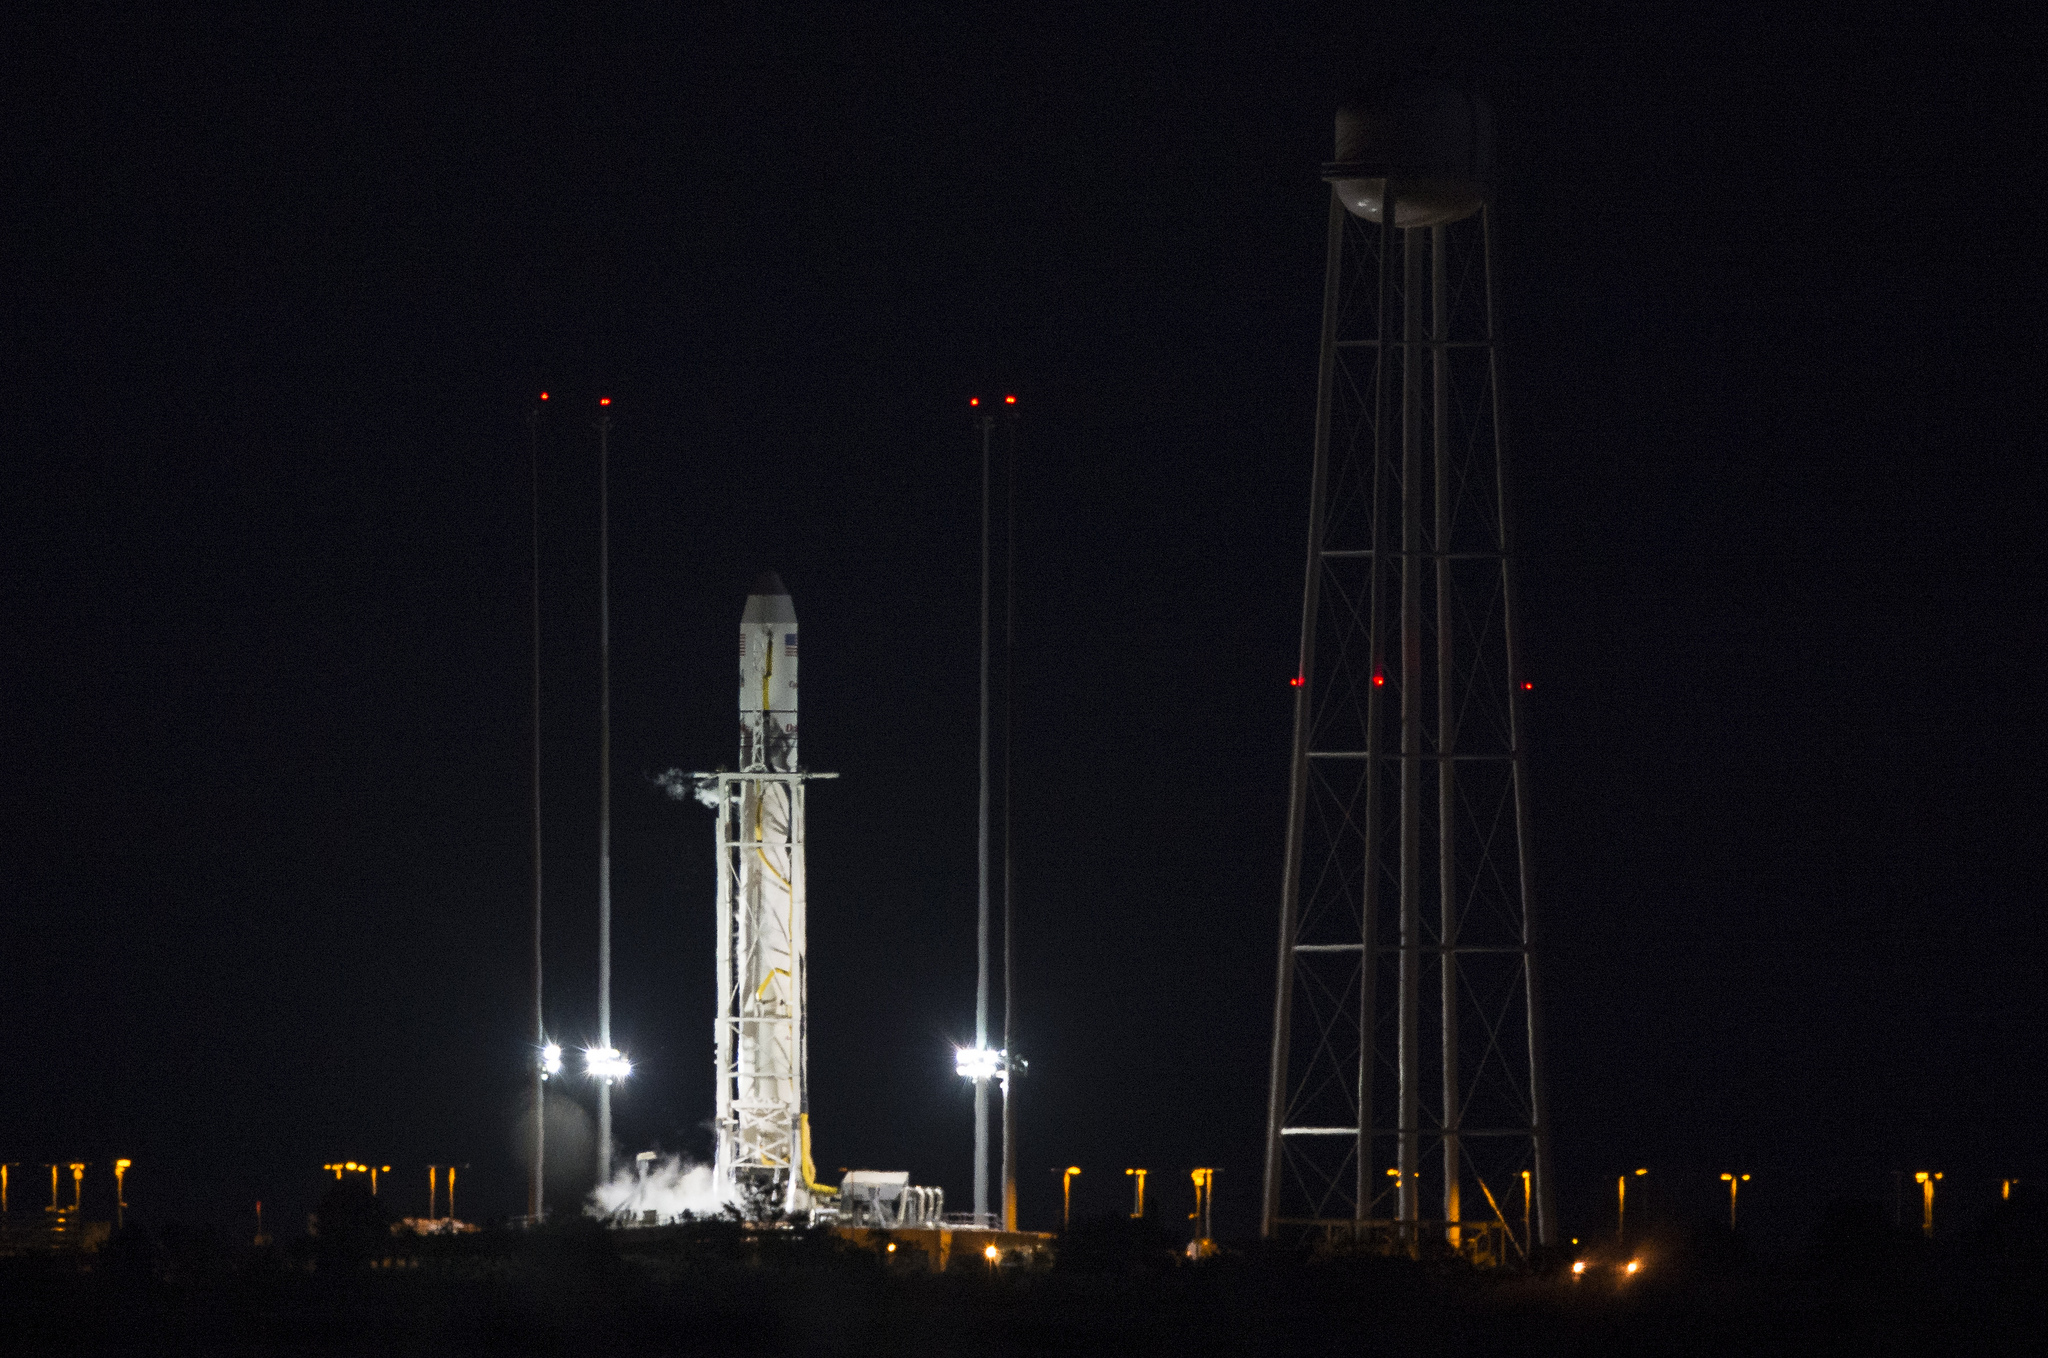 The Orbital Sciences Corp. Antares rocket sits on launch pad 0A at Wallops Island, Va., after Monday's scrub. Credit: NASA/Joel Kowsky